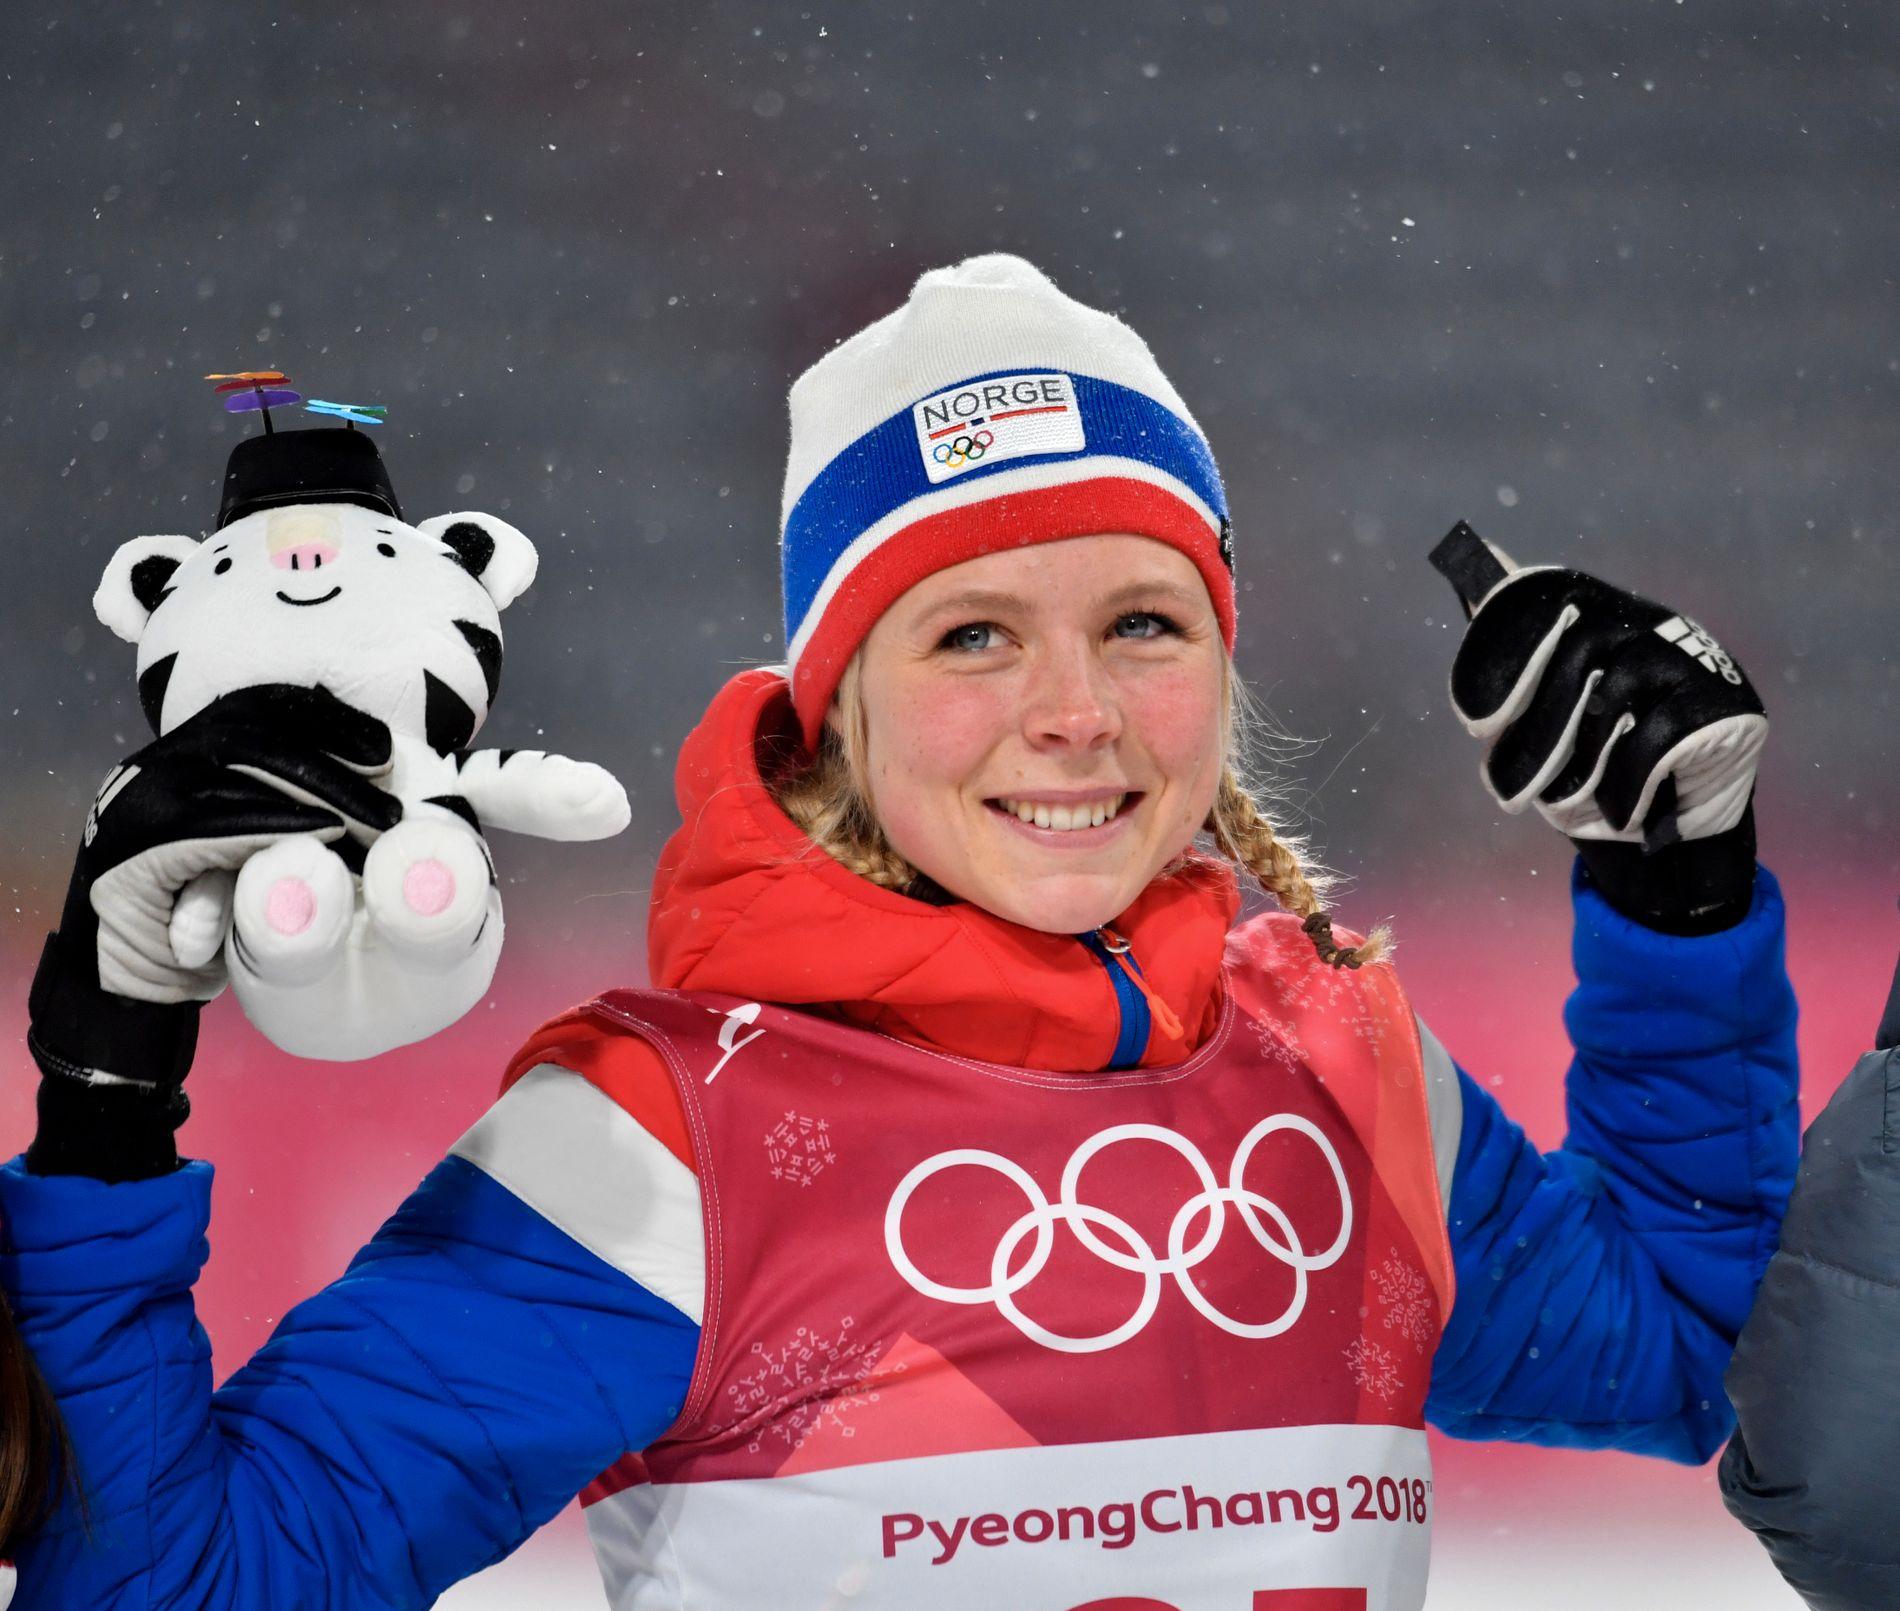 GULLJUBEL: Maren Lundby på sletta i Pyeongchang under blomsterseremonien etter at OL-gullet var klart.